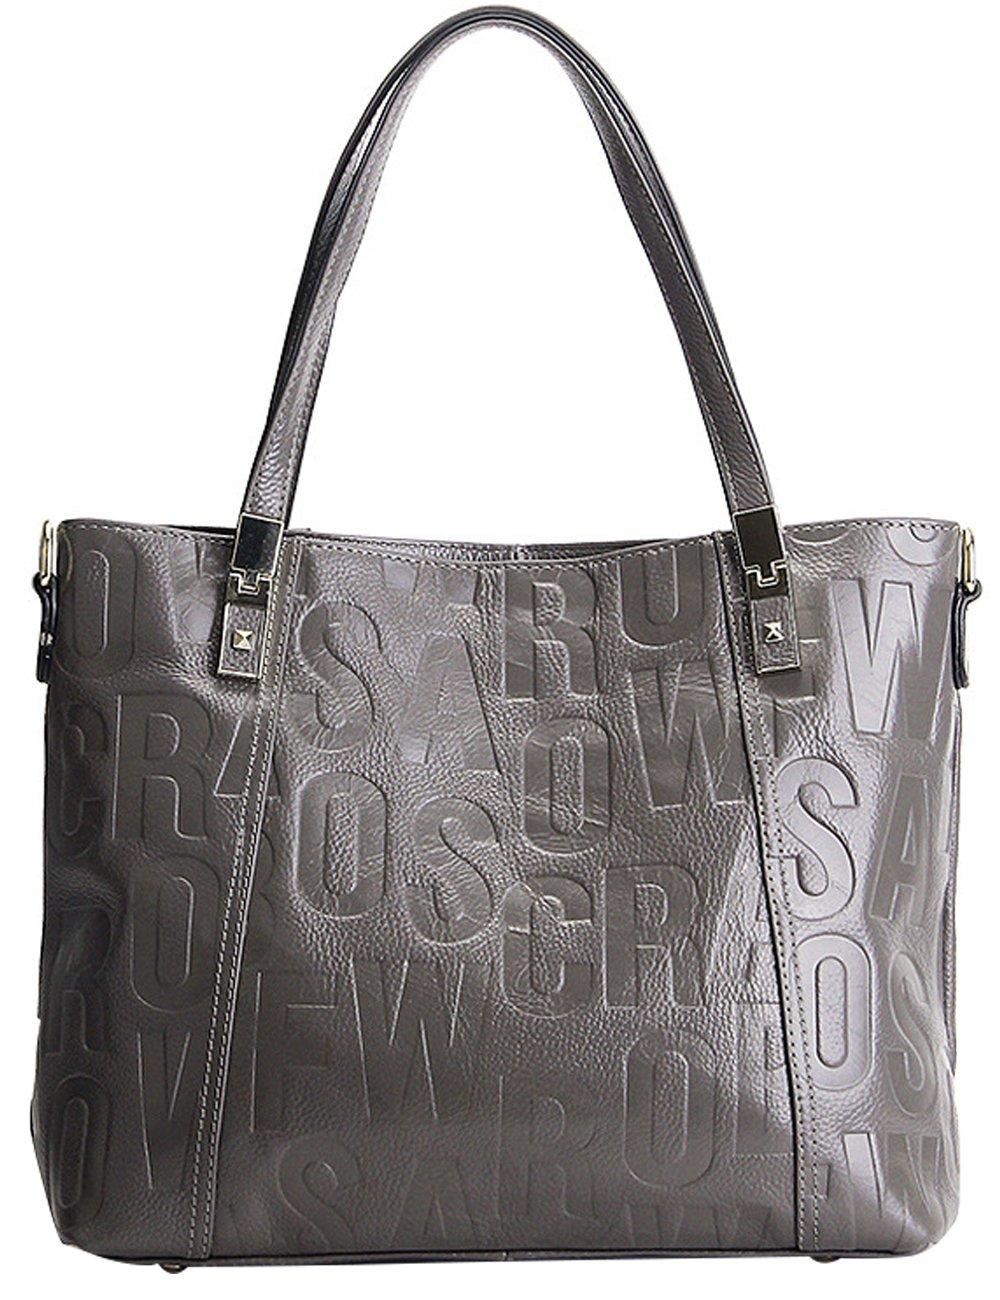 Menschwear Womens Genuine Leather Top Handle Satchel Bag Grey by Menschwear (Image #3)